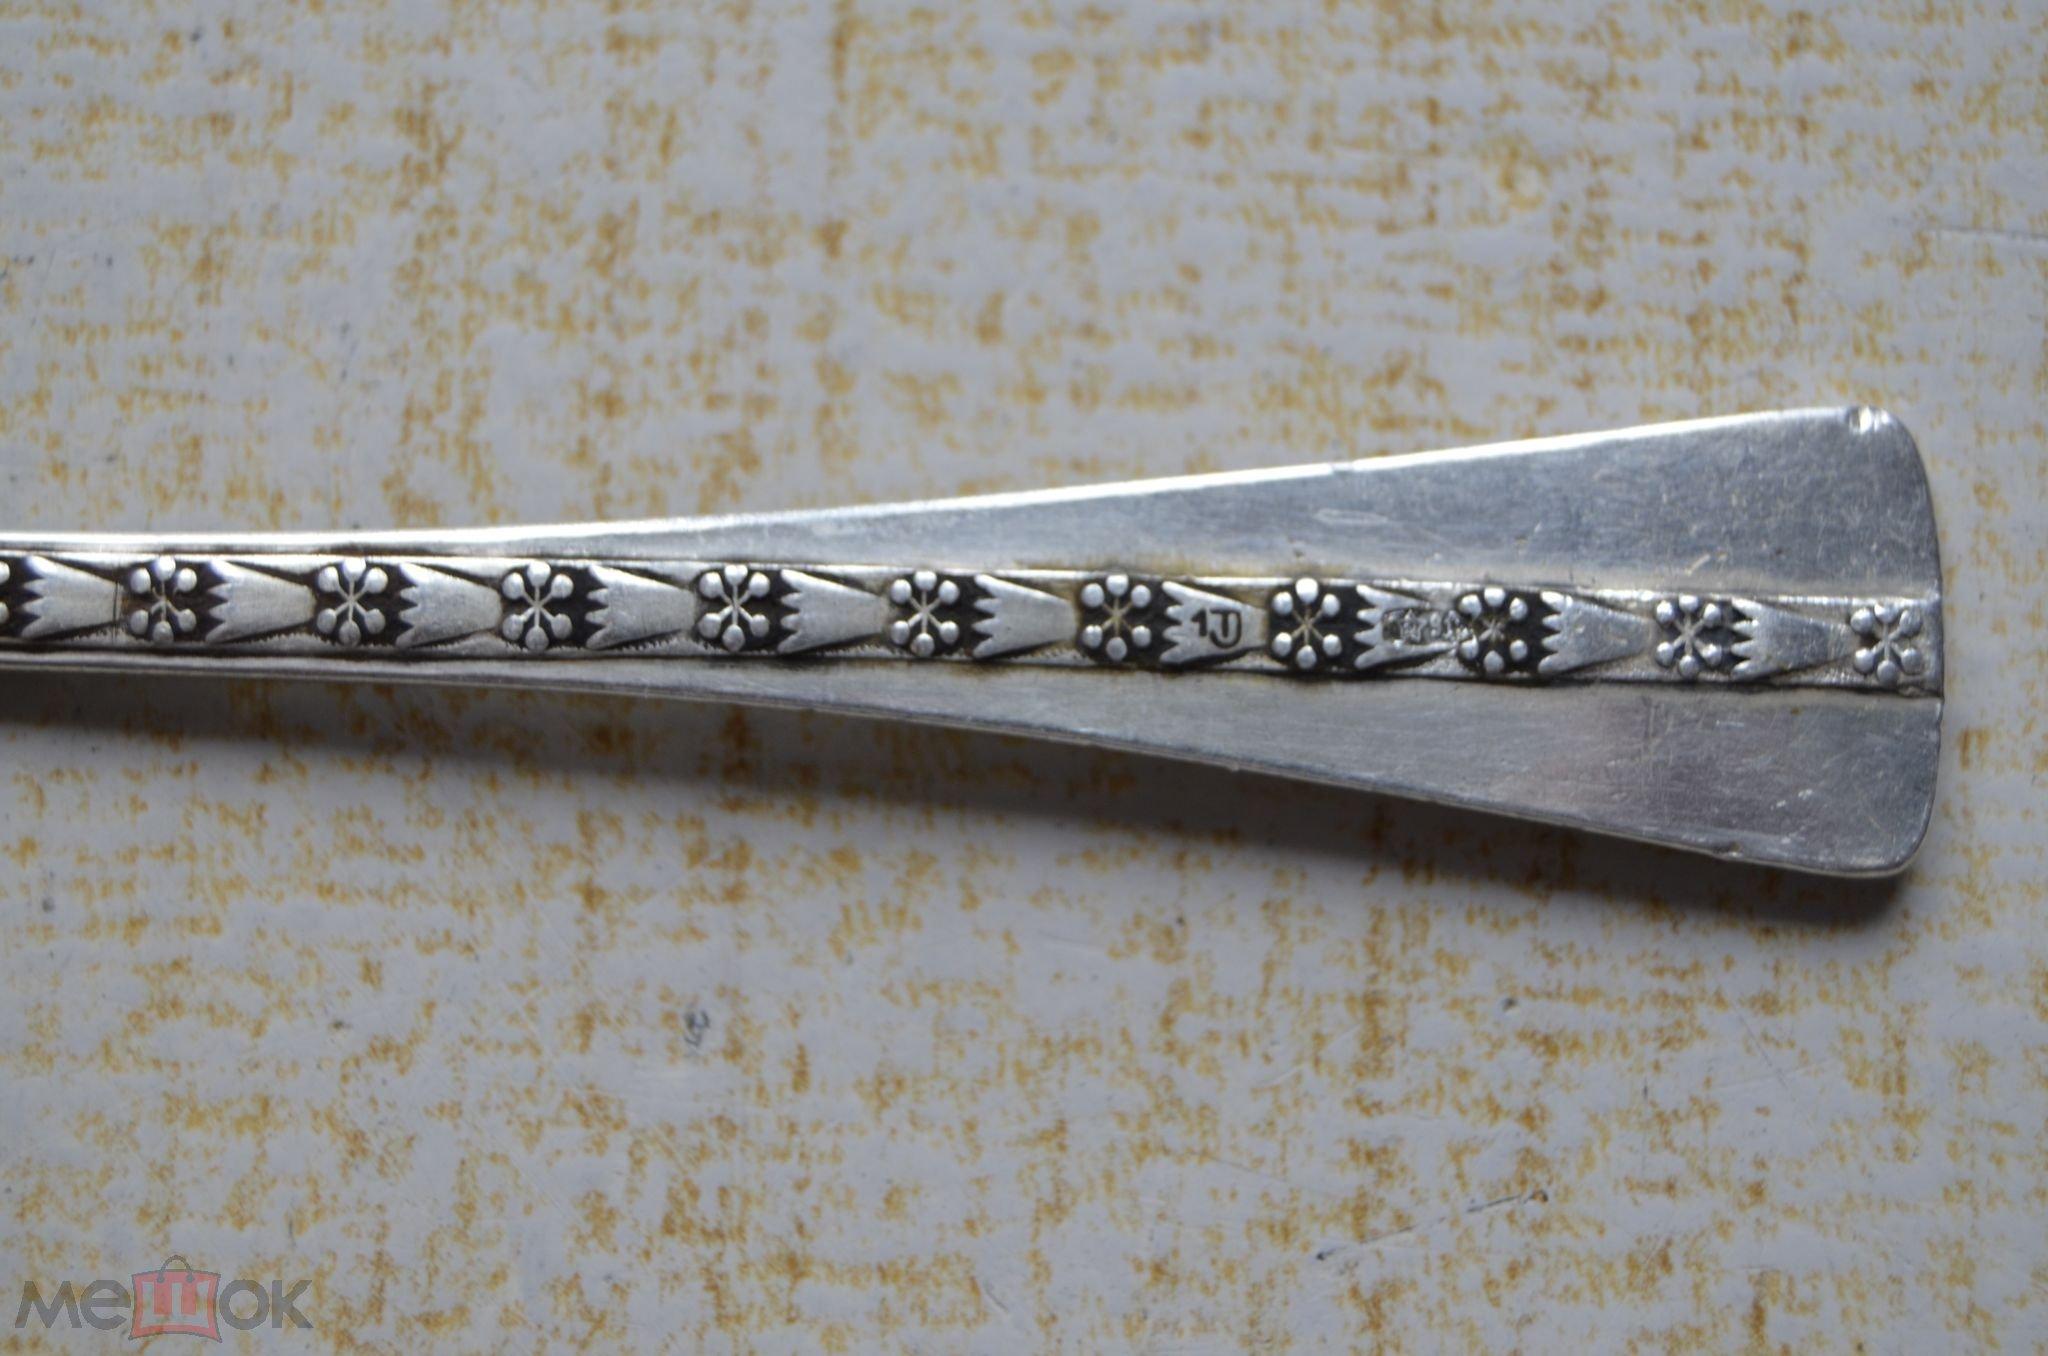 серебряная чайная ложка серебро 916 проба клеймо звезда ссср позолота прибалтика таллин завод ложечк